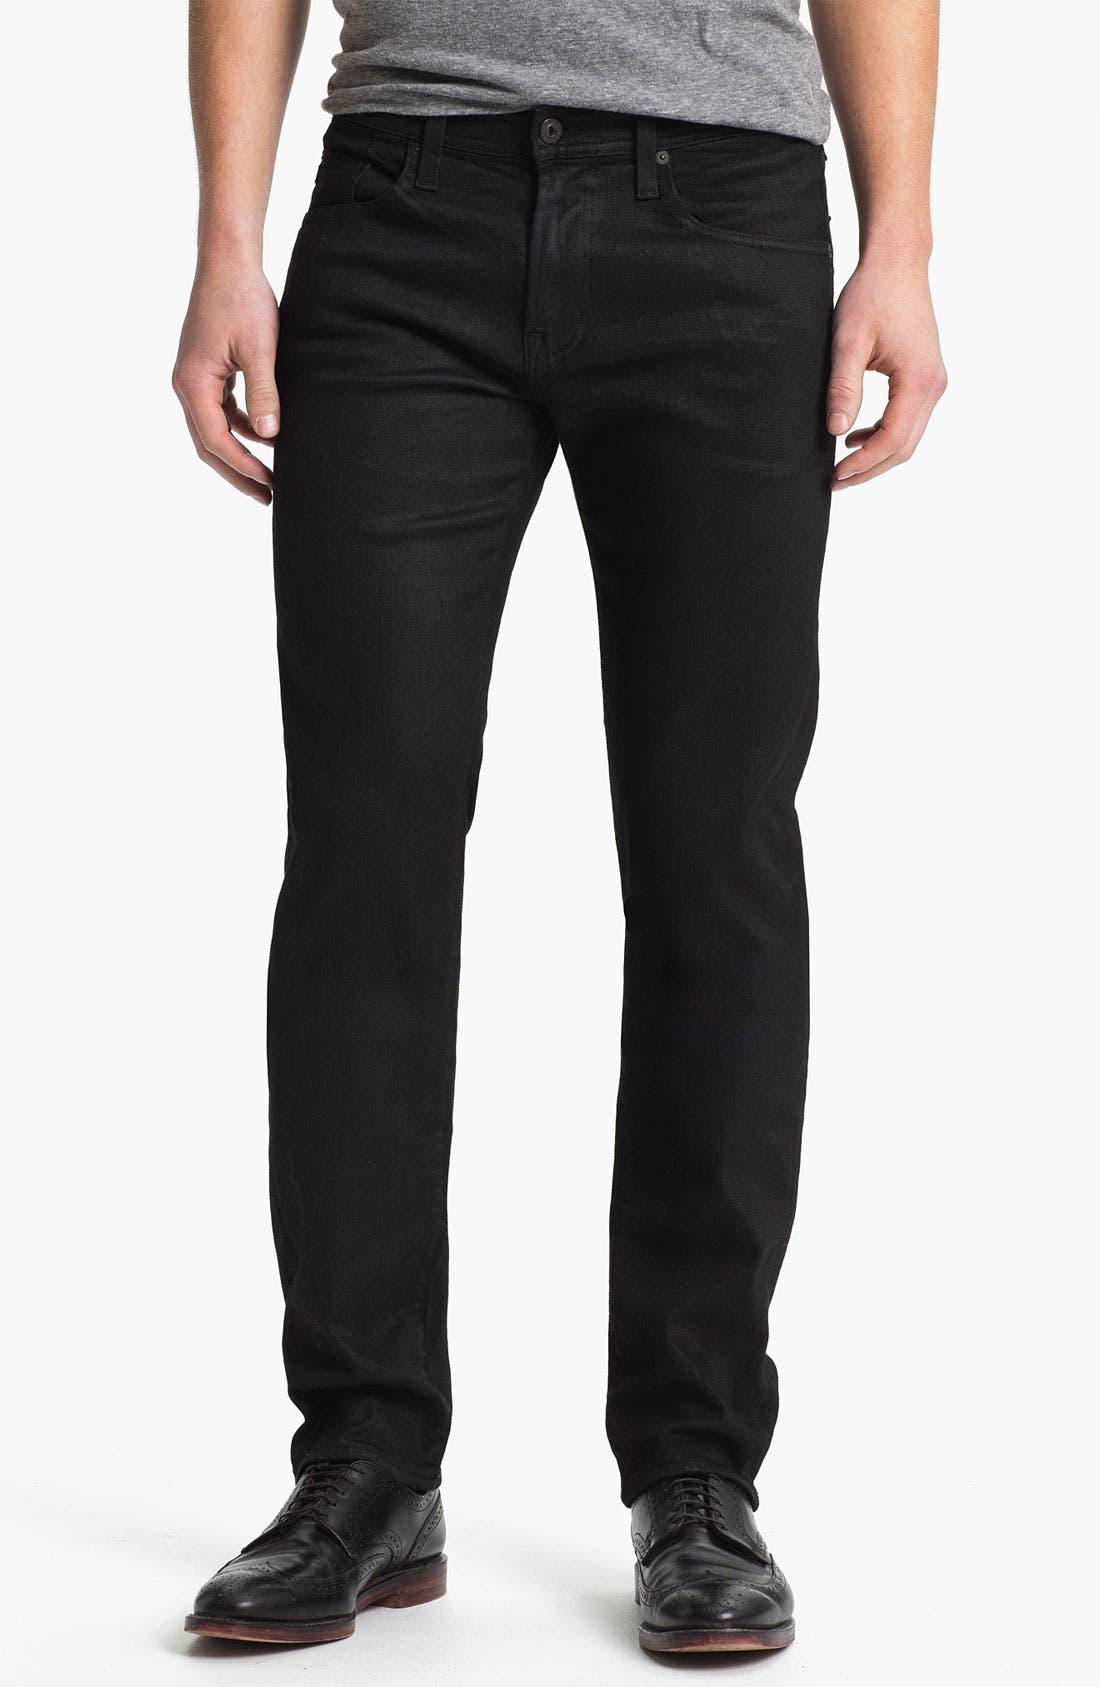 Alternate Image 1 Selected - AG Jeans 'Matchbox Slim' Straight Leg Jeans (Coal)